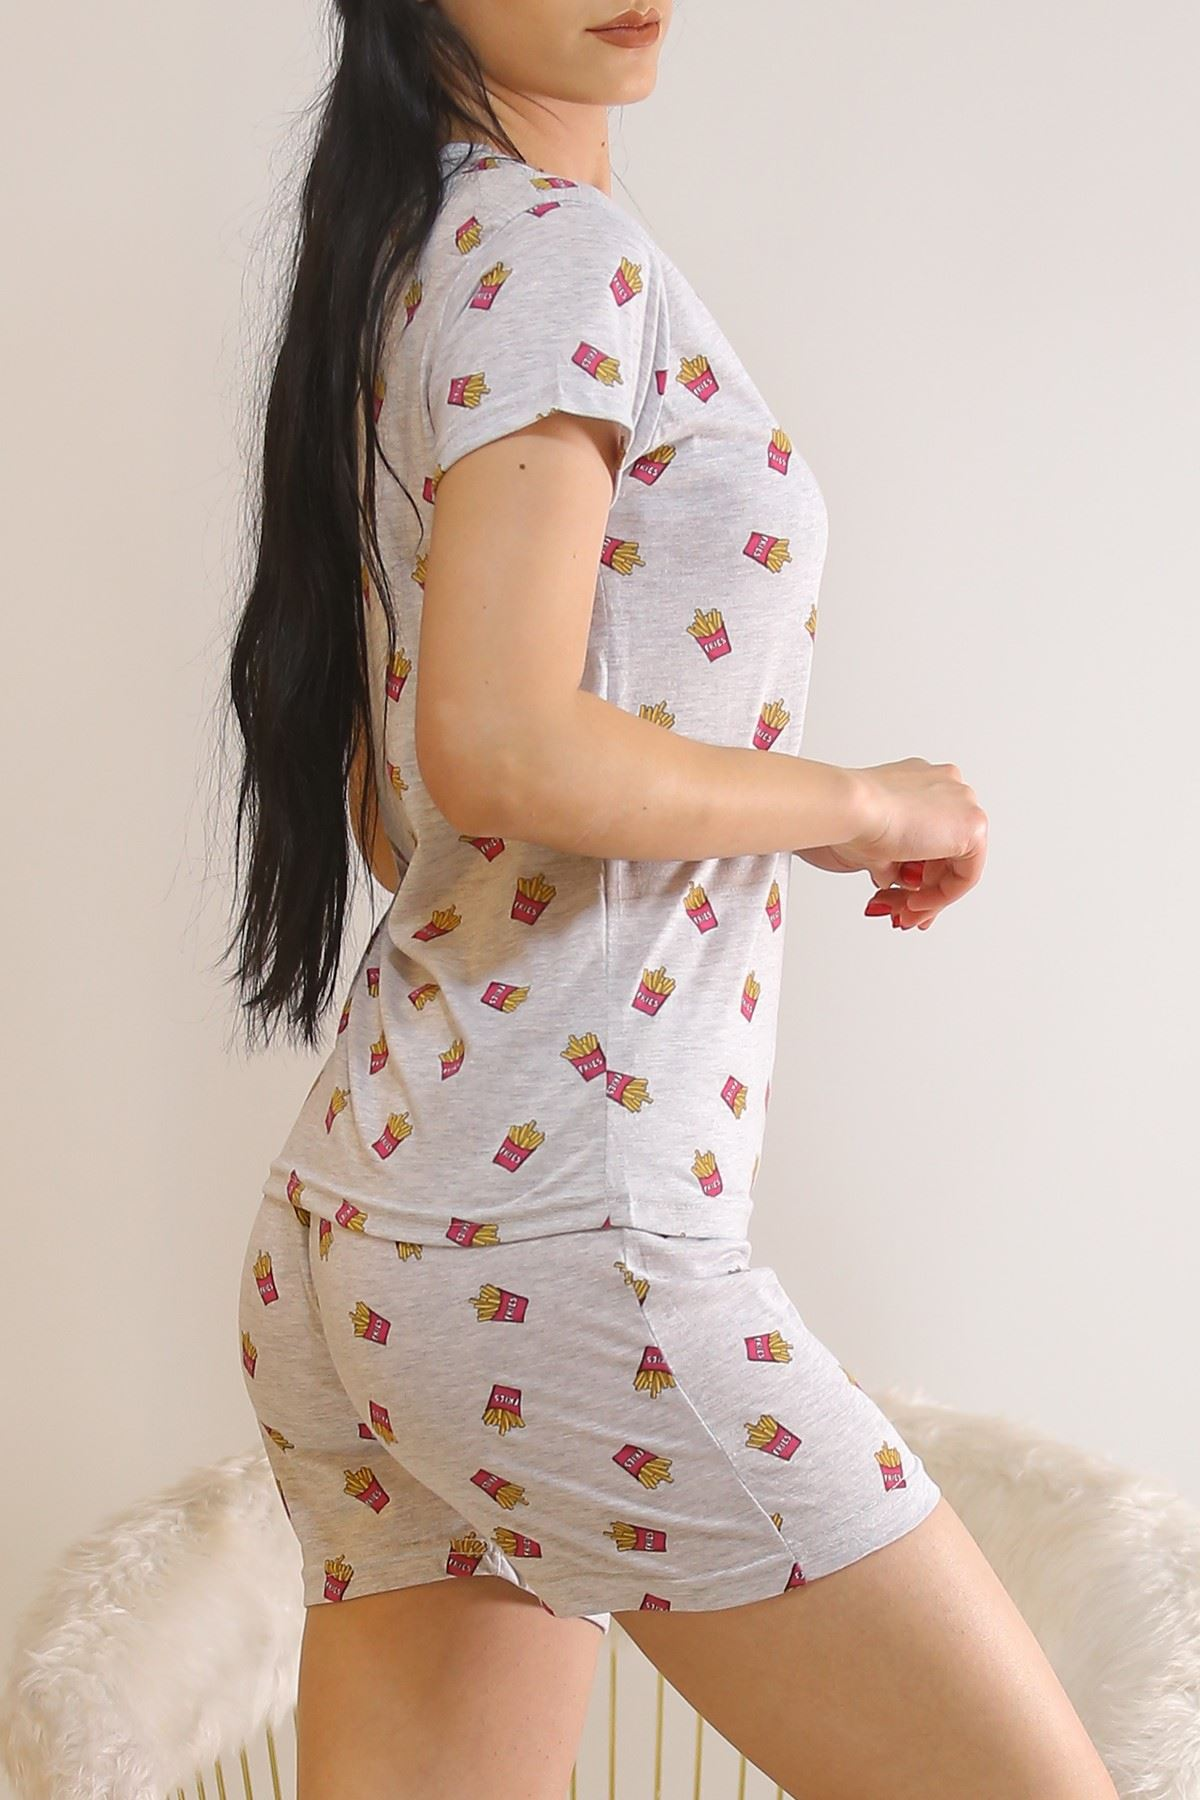 Şortlu Pijama Takımı Gri1 - 5995.1287.